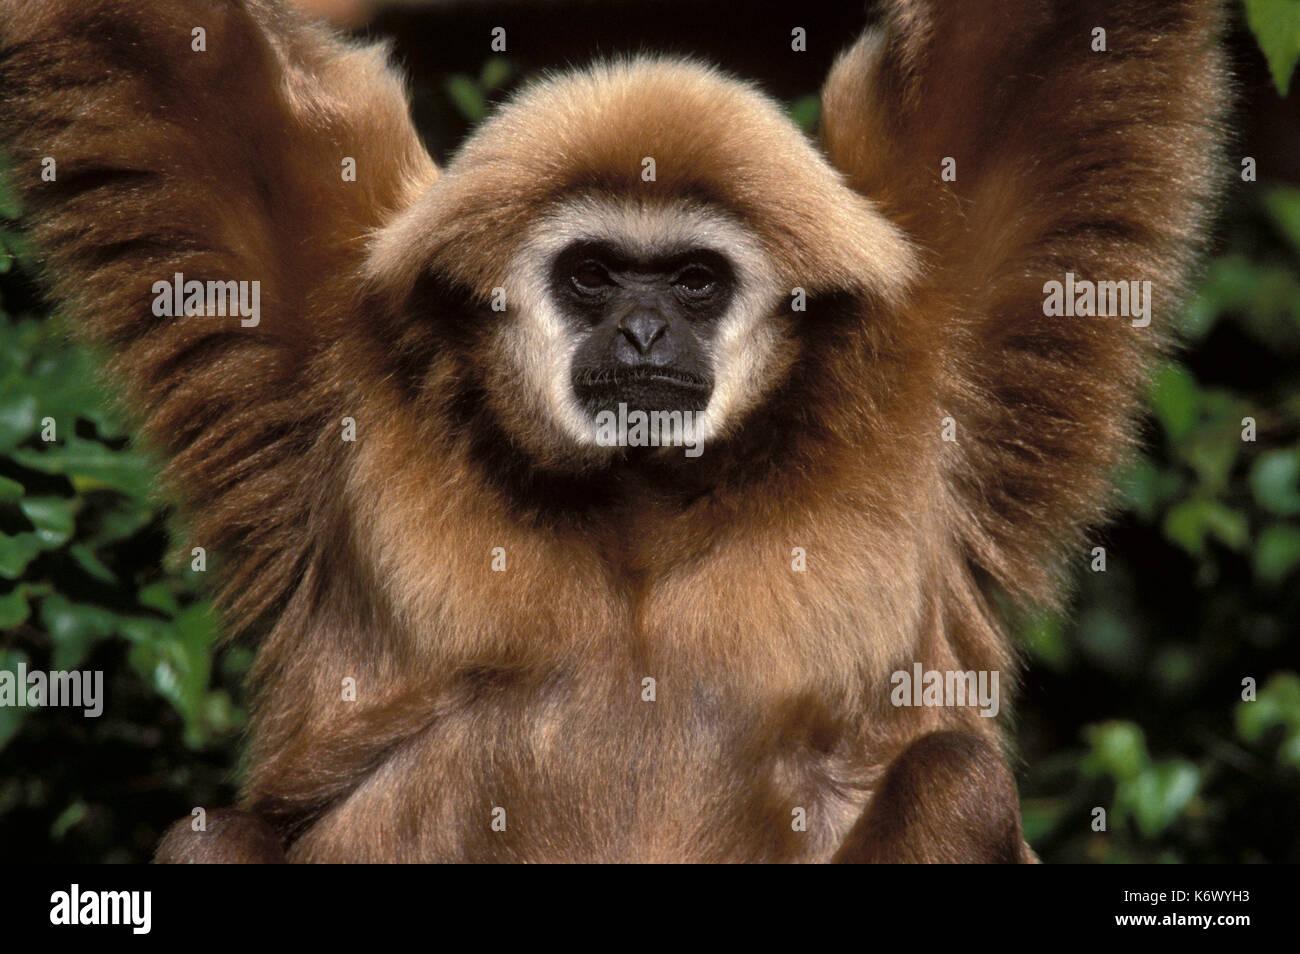 Weiß übergeben Gibbon (Hylobates lar) - Hängen in den Bäumen, Gesicht, Augen, Captive, Porträt, mit Blick auf die Stockfoto